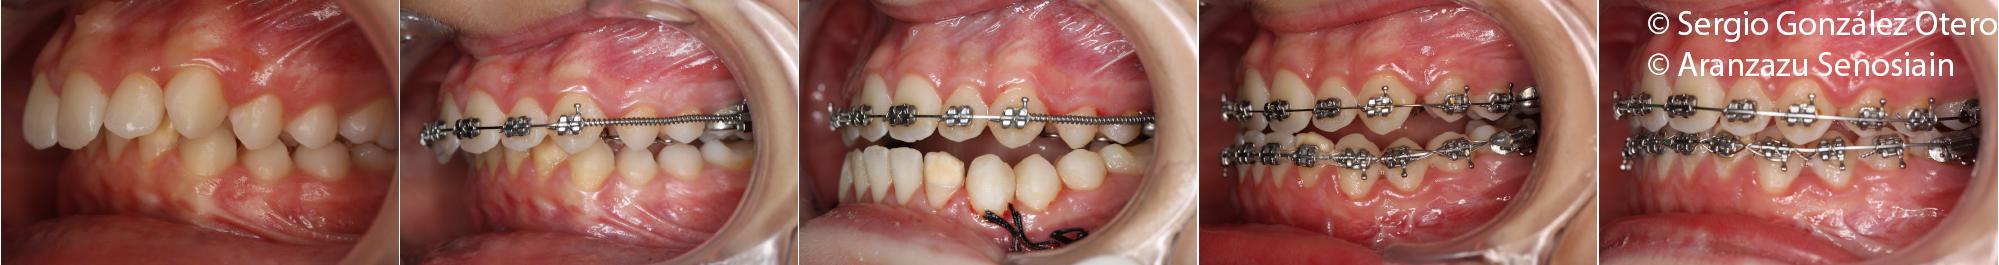 Corrección de una mandíbula pequeña (clase II) con cirugía de avance mandibular IMDO y ortodoncia